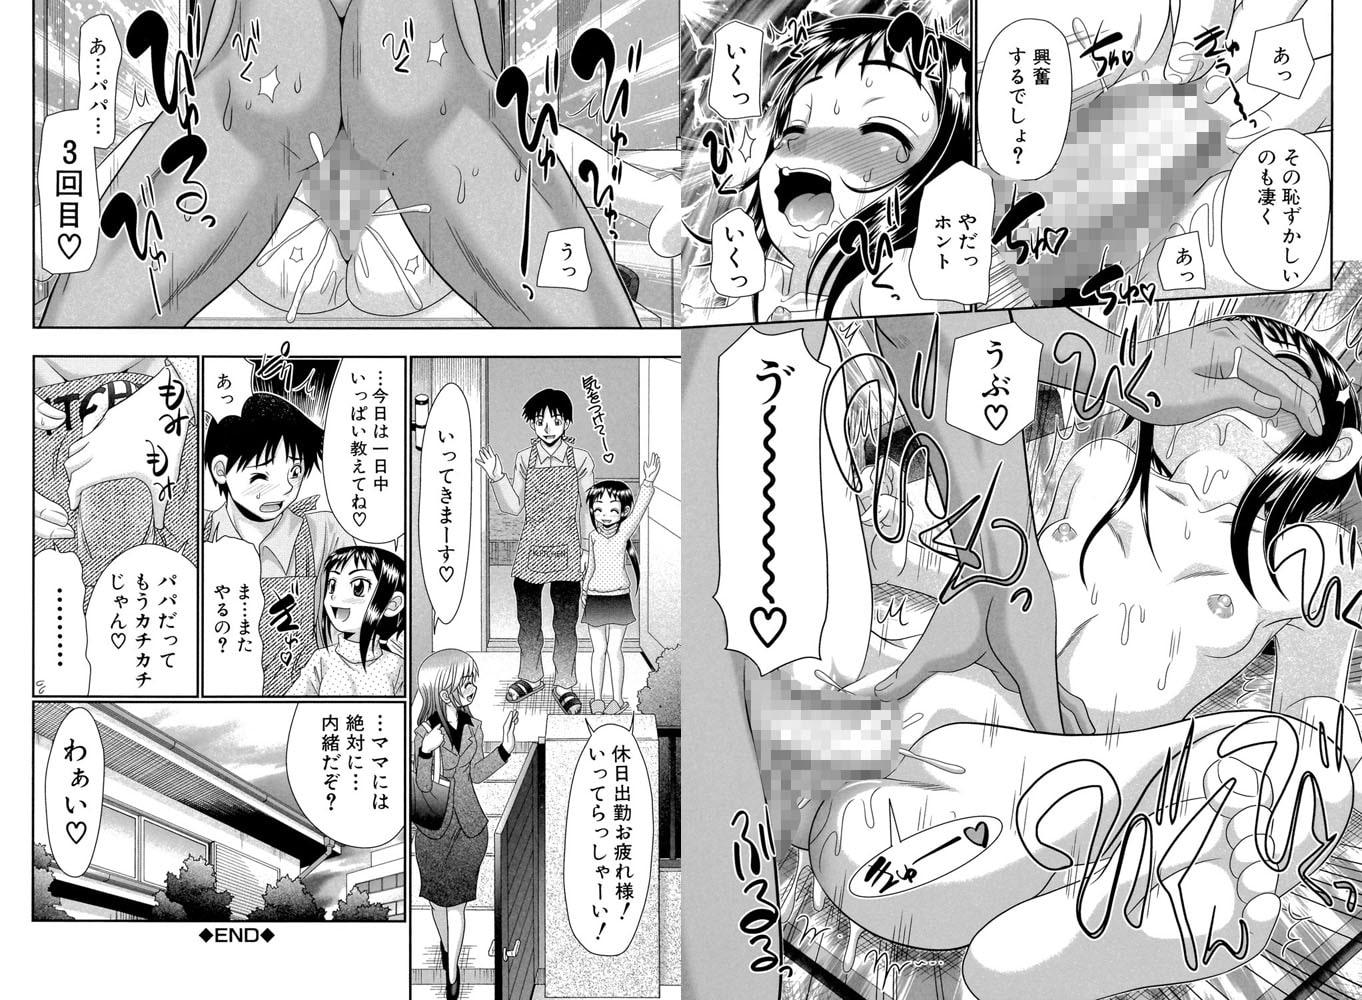 パパのせーきょーいく【第1話体験版付き】